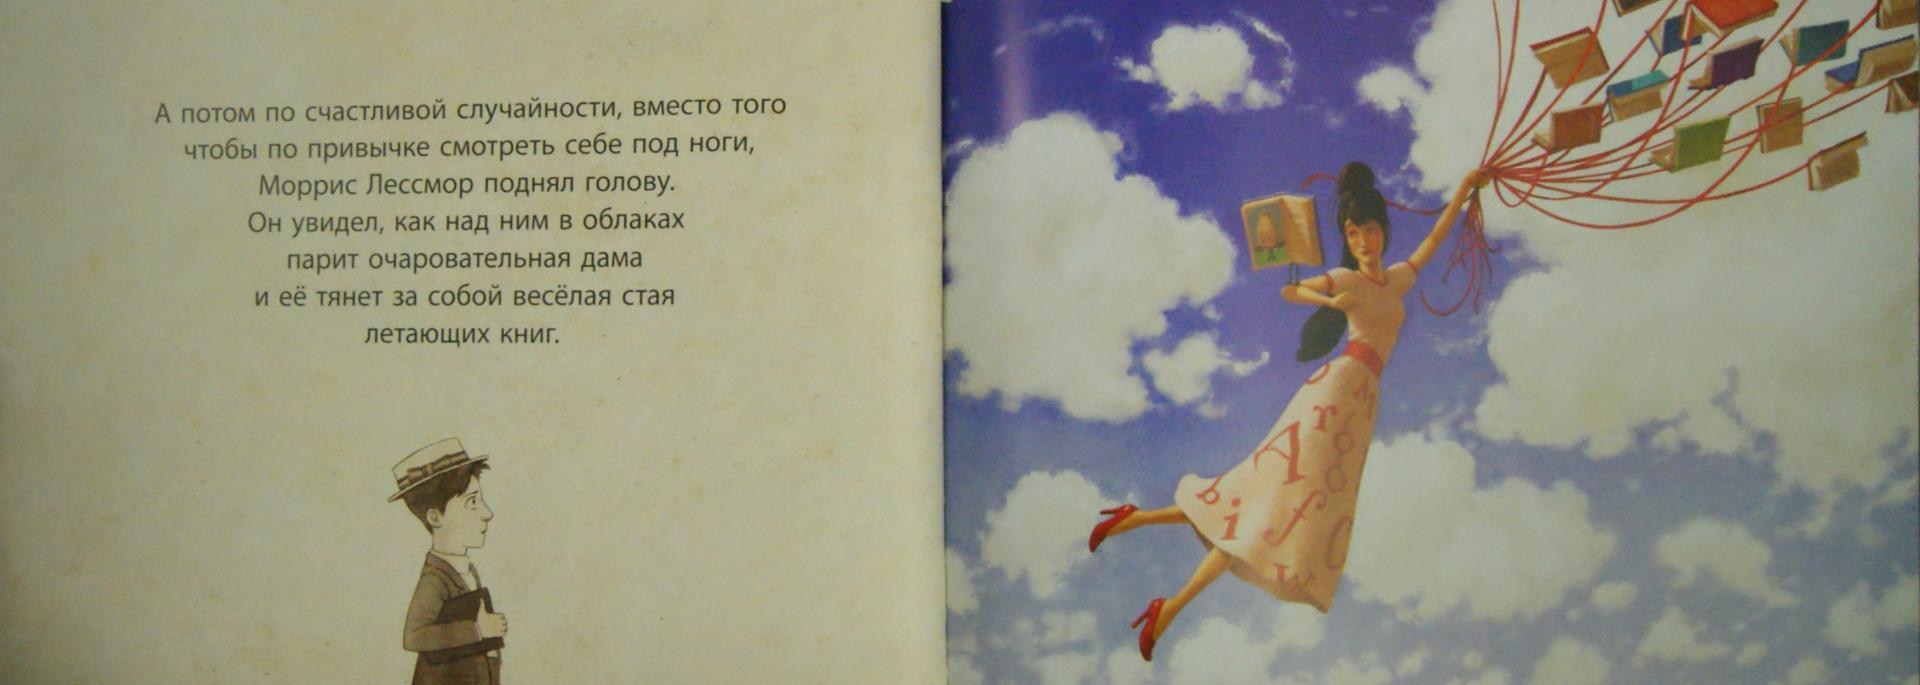 Иллюстрация 1 из 38 для Фантастические летающие книги мистера Морриса Лессмора - Уильям Джойс   Лабиринт - книги. Источник: Лабиринт